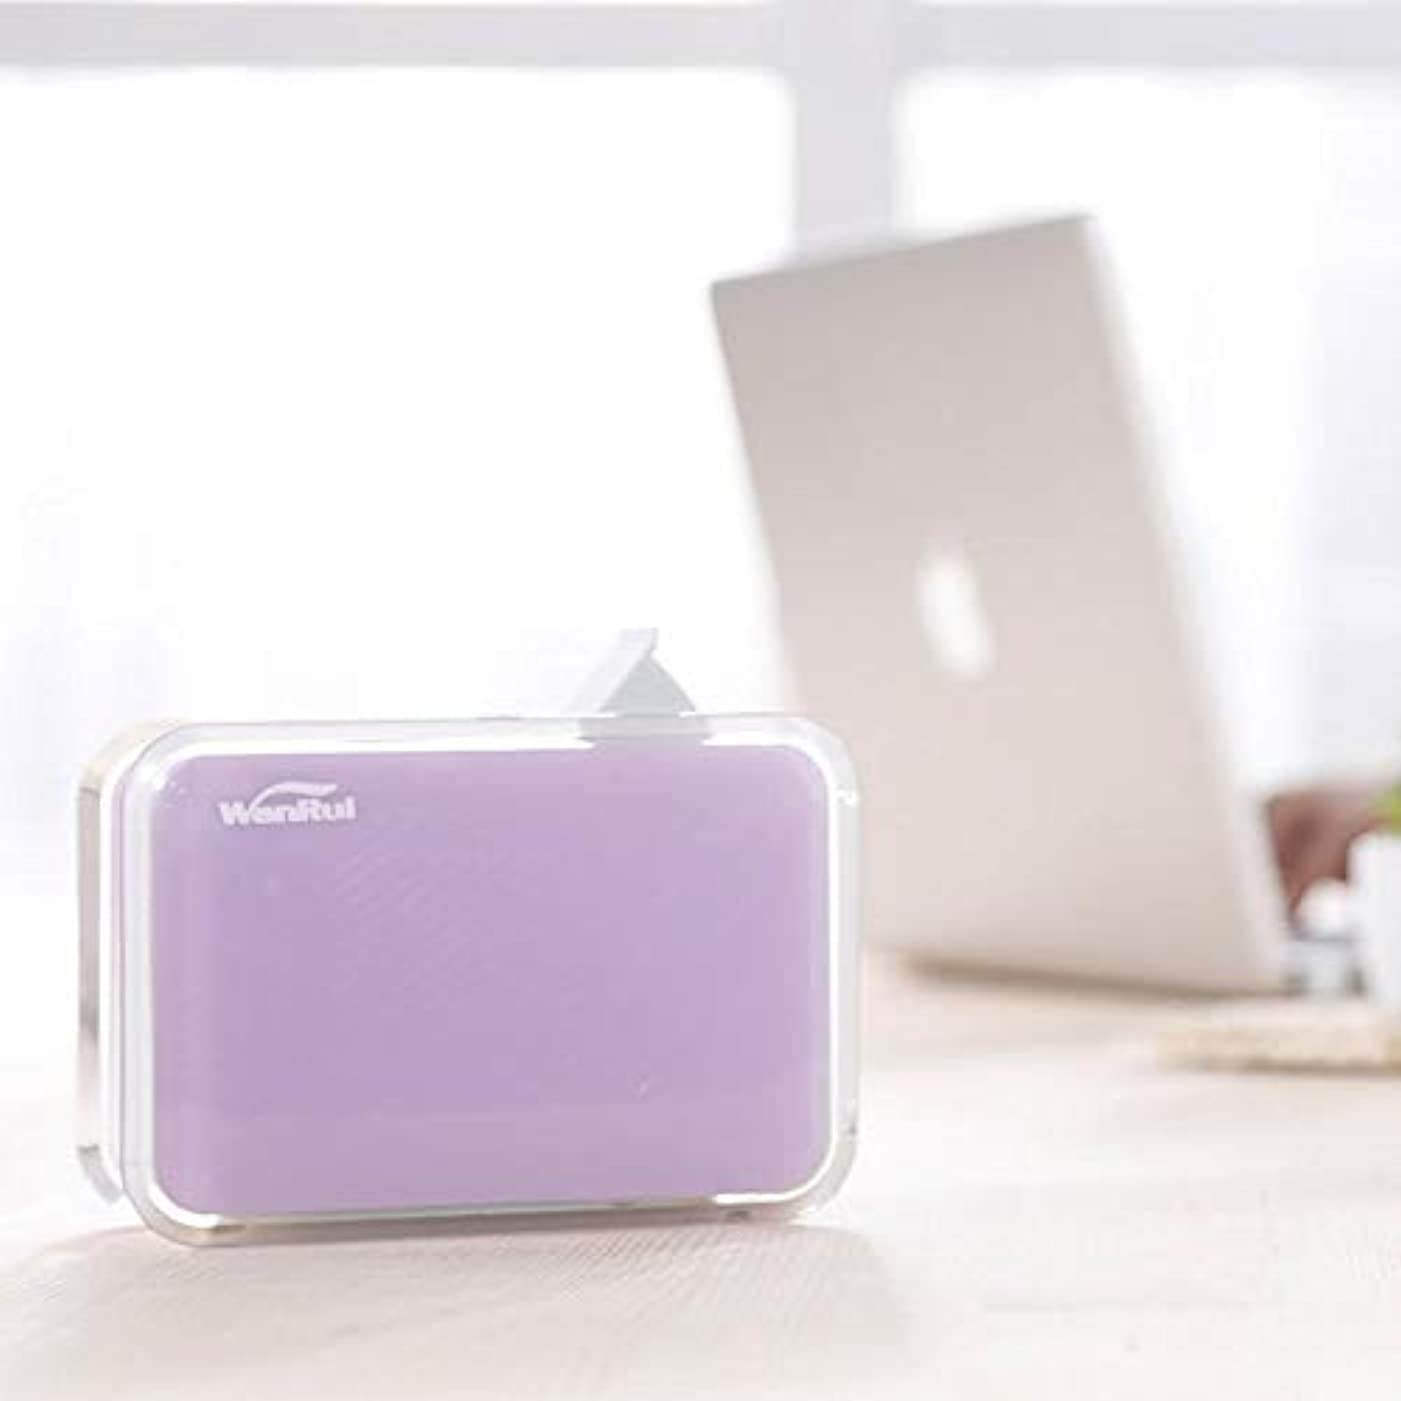 ヒープ検索医薬品ミニ ポータブル 涼しい霧 加湿器,自動シャット ダウン-オフ 手動 加湿機 超音波式 精油 ディフューザー 空気を浄化 蒸気気化器 旅行のため-紫の